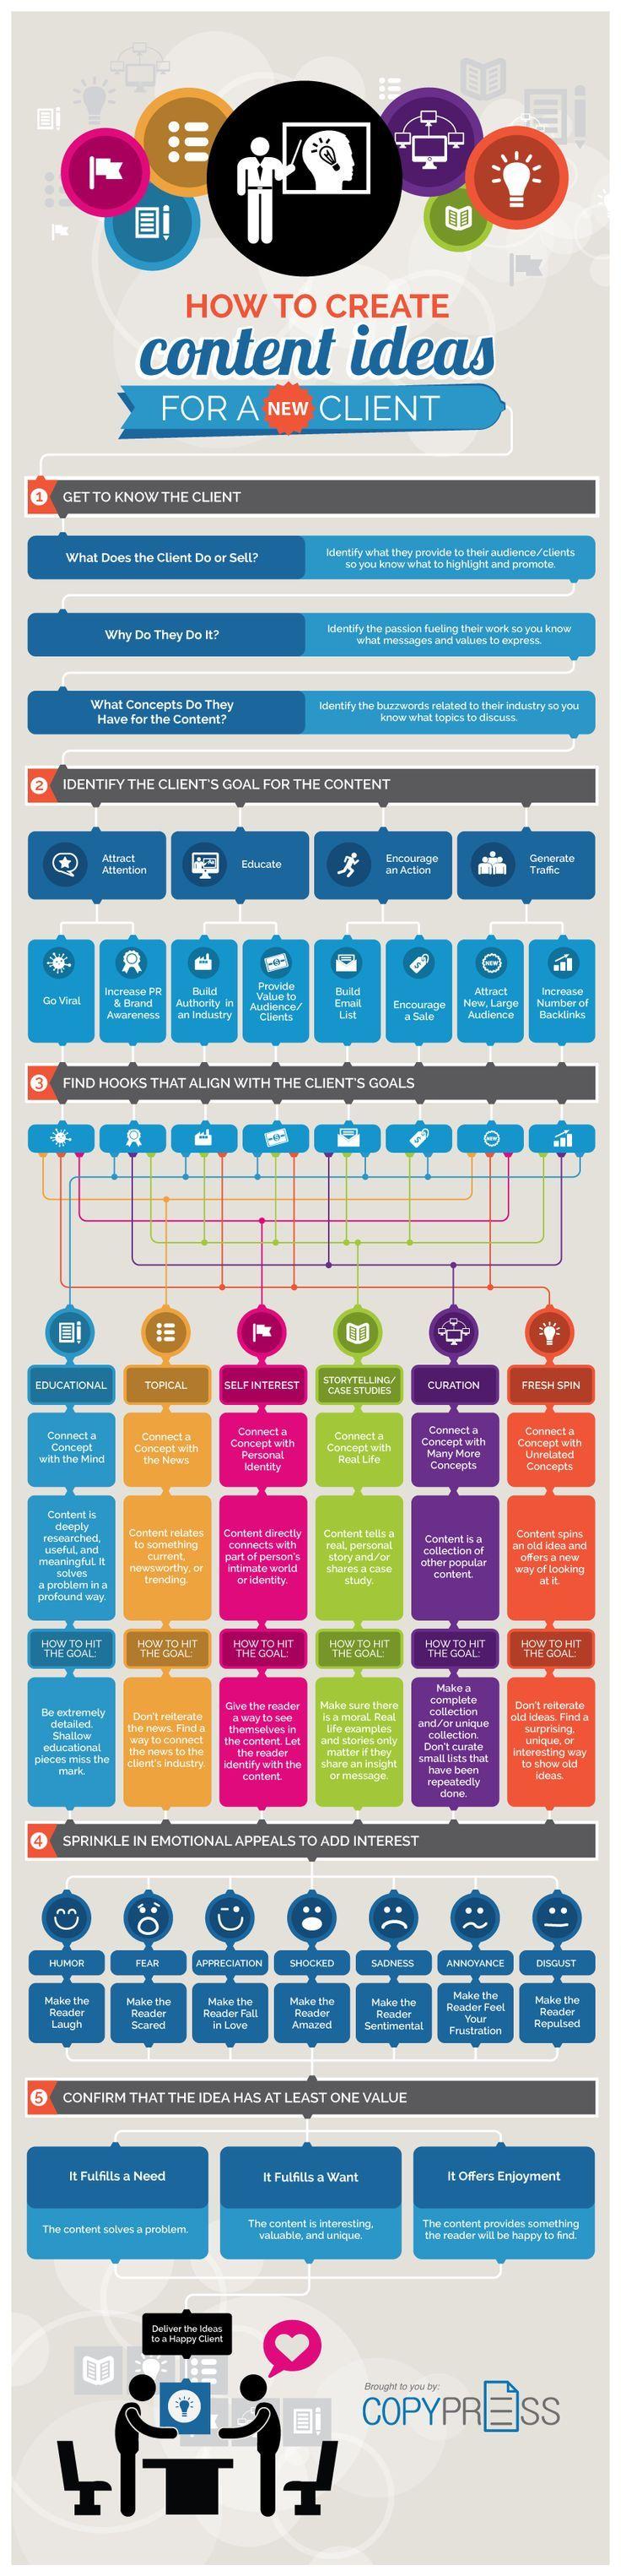 Mit diesen 5 Schritten entwickeln Sie Content-Ideen für mehr Kunden #KMU [Infografik]: